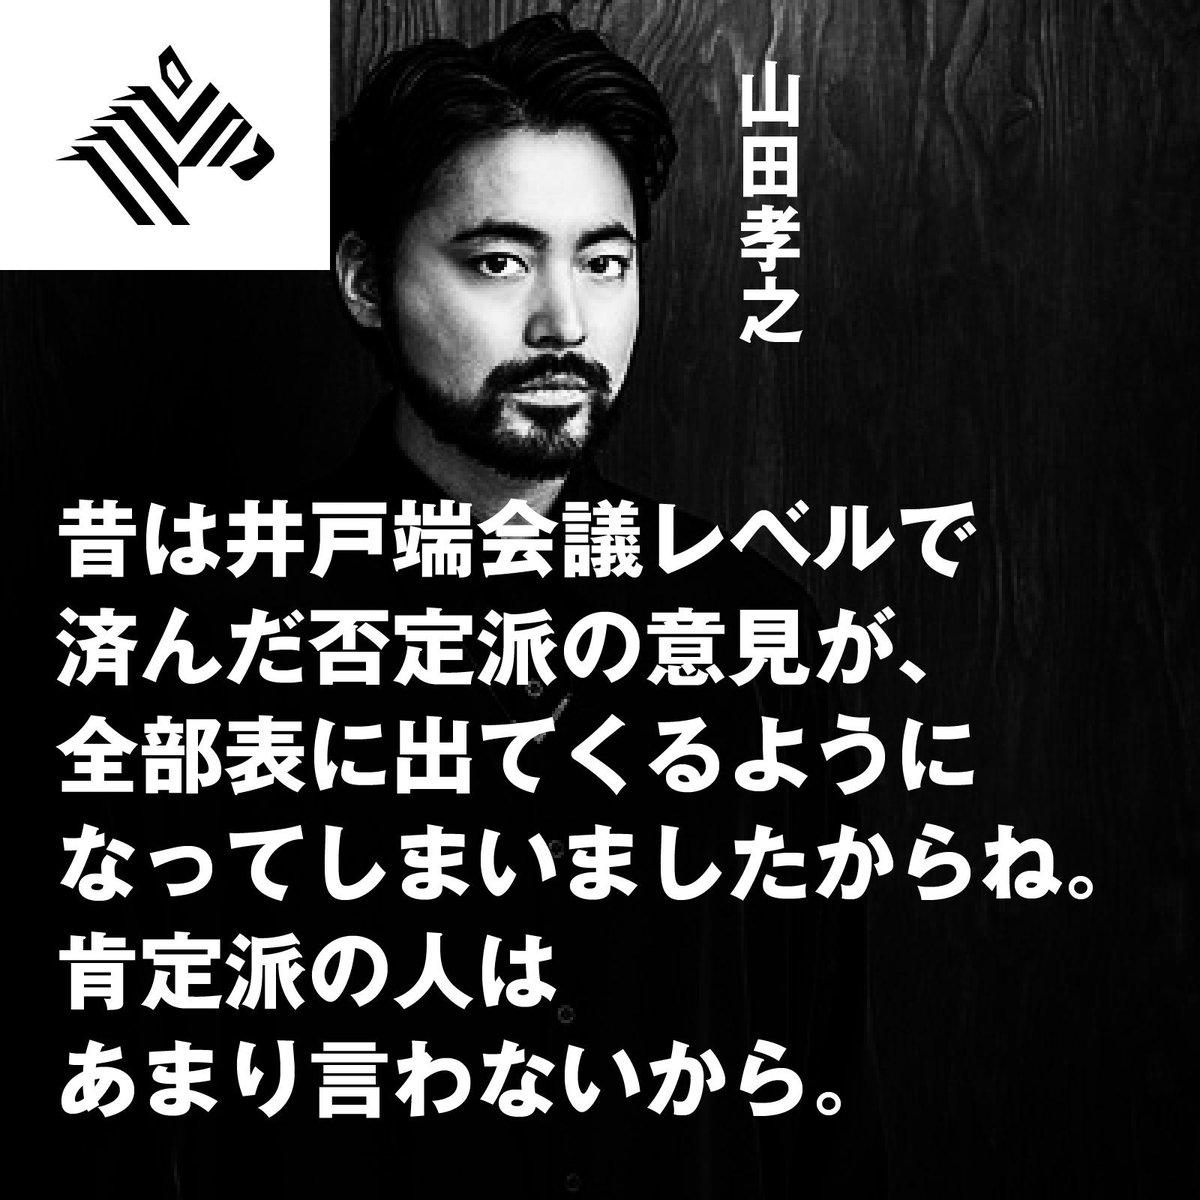 「昔は井戸端会議レベルで済んだ否定派の意見が、全部表に出てくるようになってしまいましたからね。肯定派の人はあまり言わないから」今年5月、山田孝之さんに話を伺いました。インタビューを読む 👉